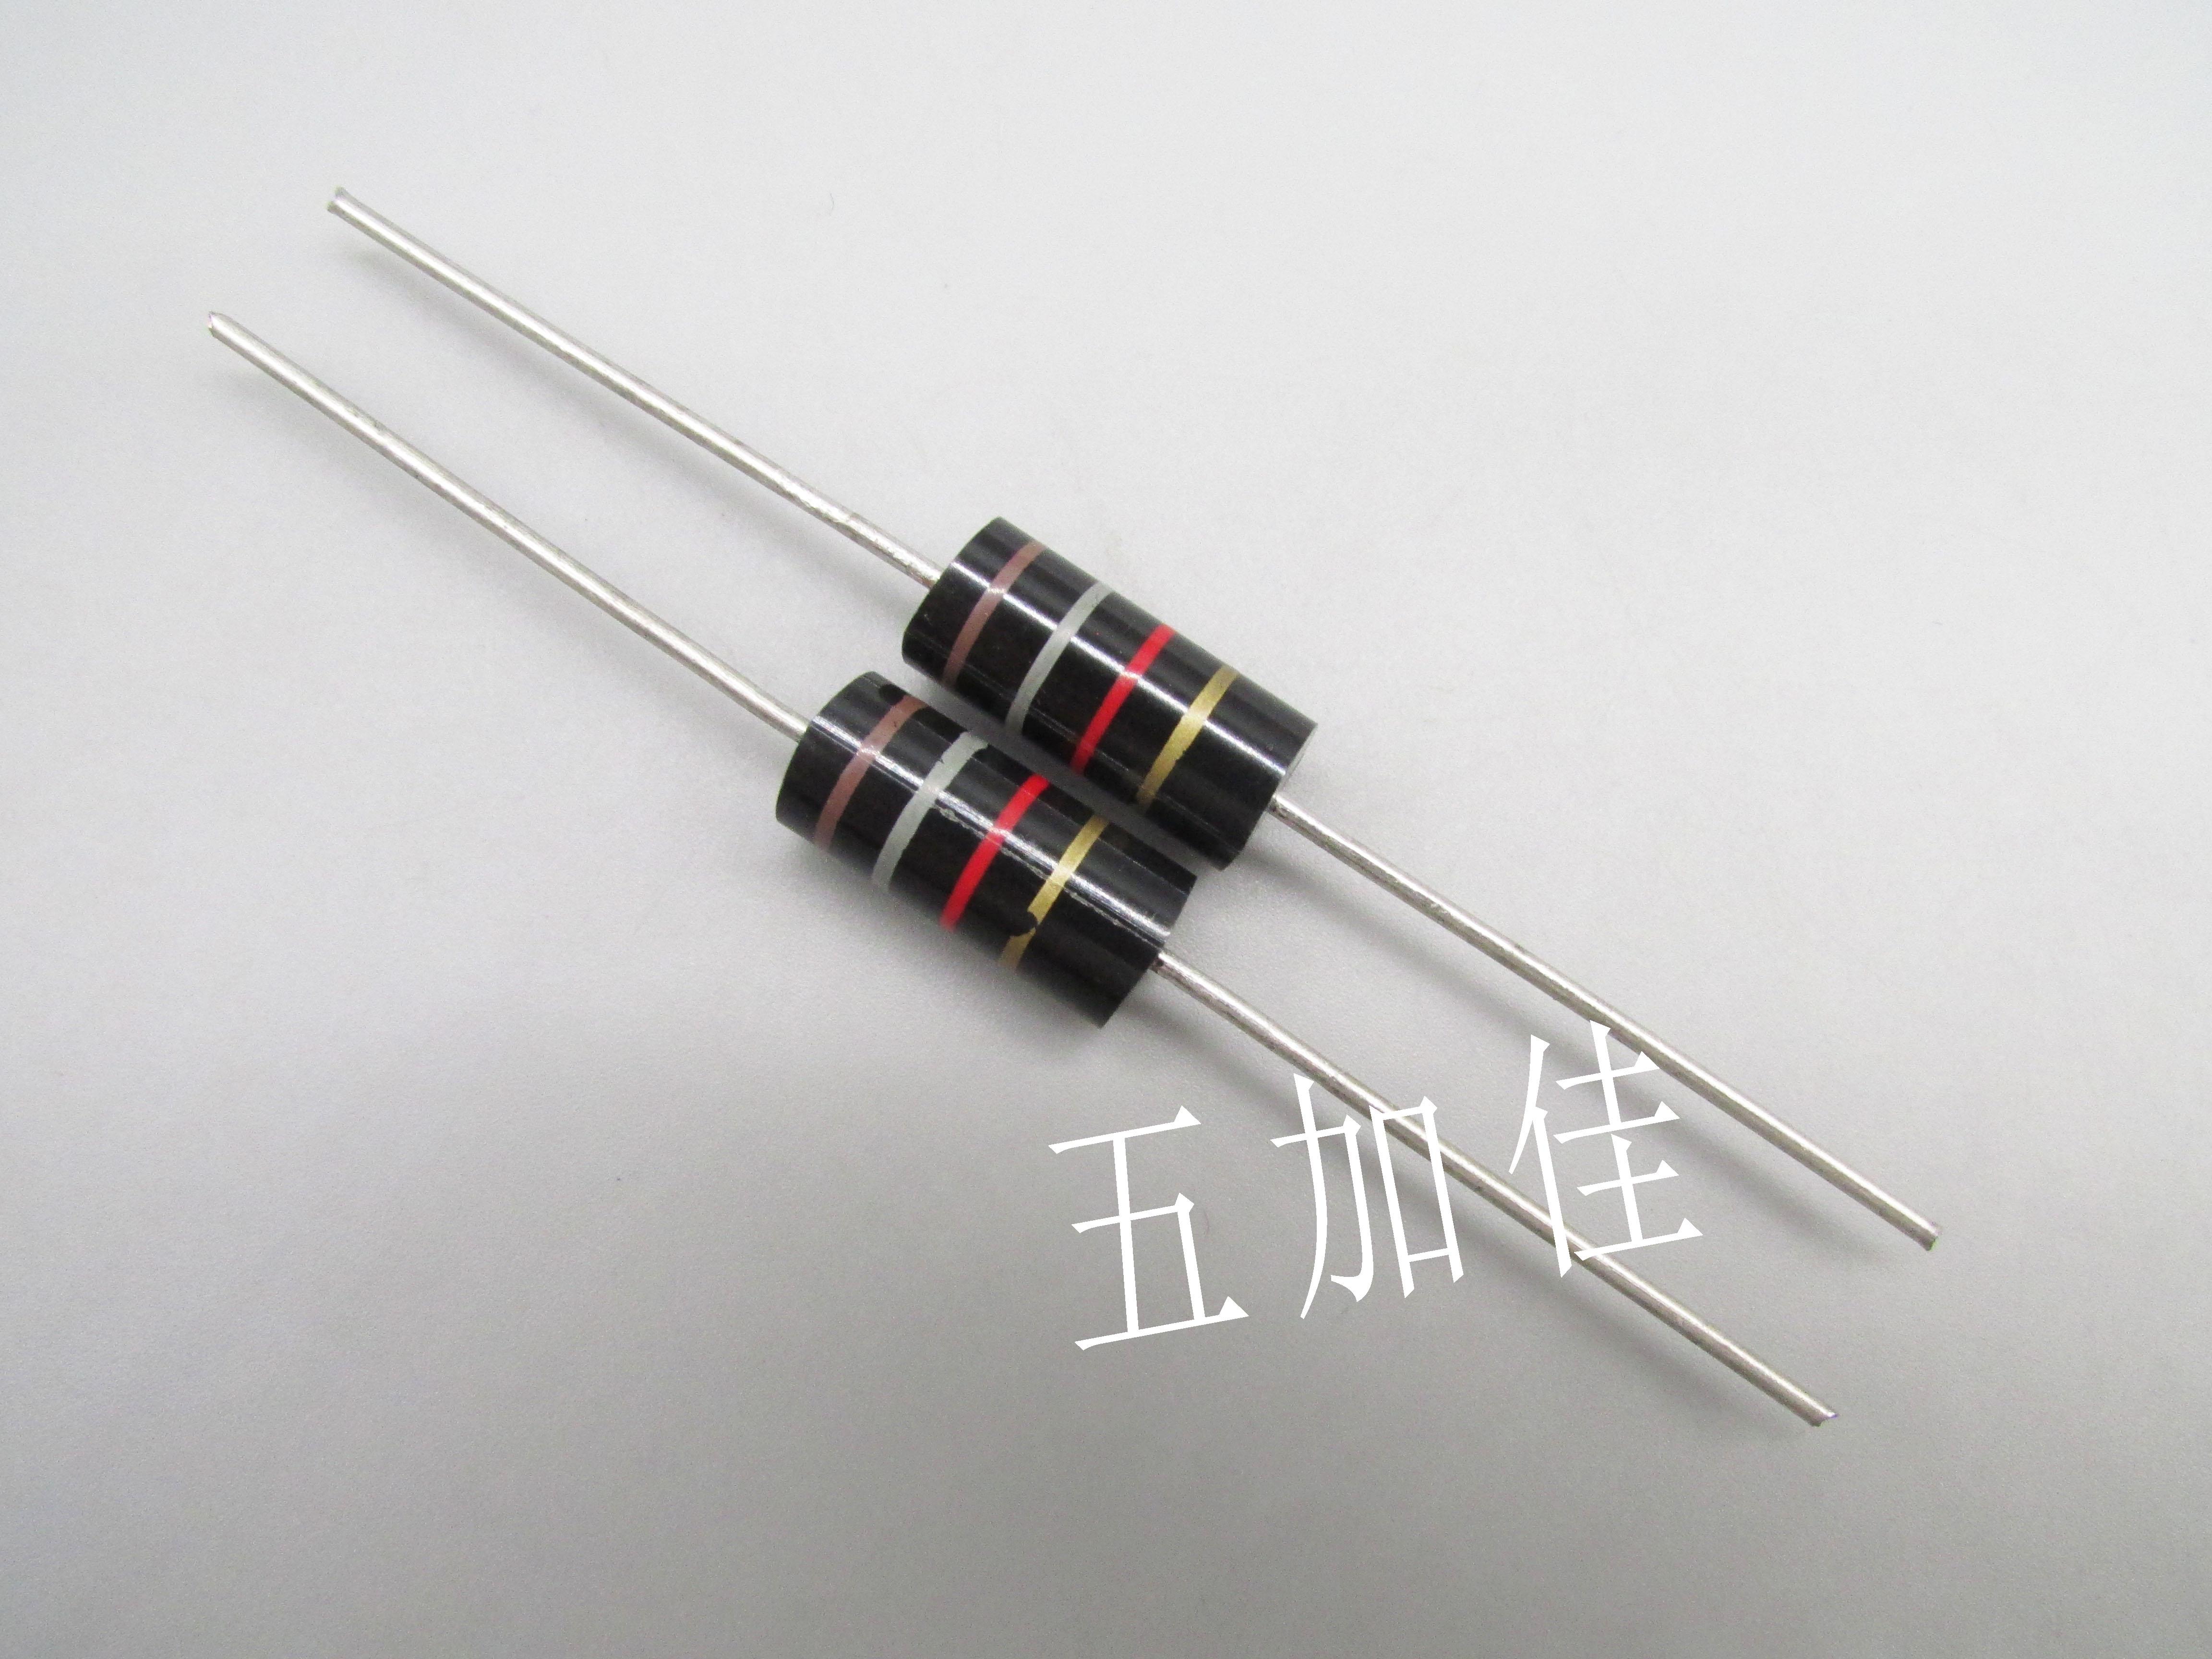 750 Ohm 0.25 W Resistor de película de metal 1/% 1//4w Reino Unido Vendedor